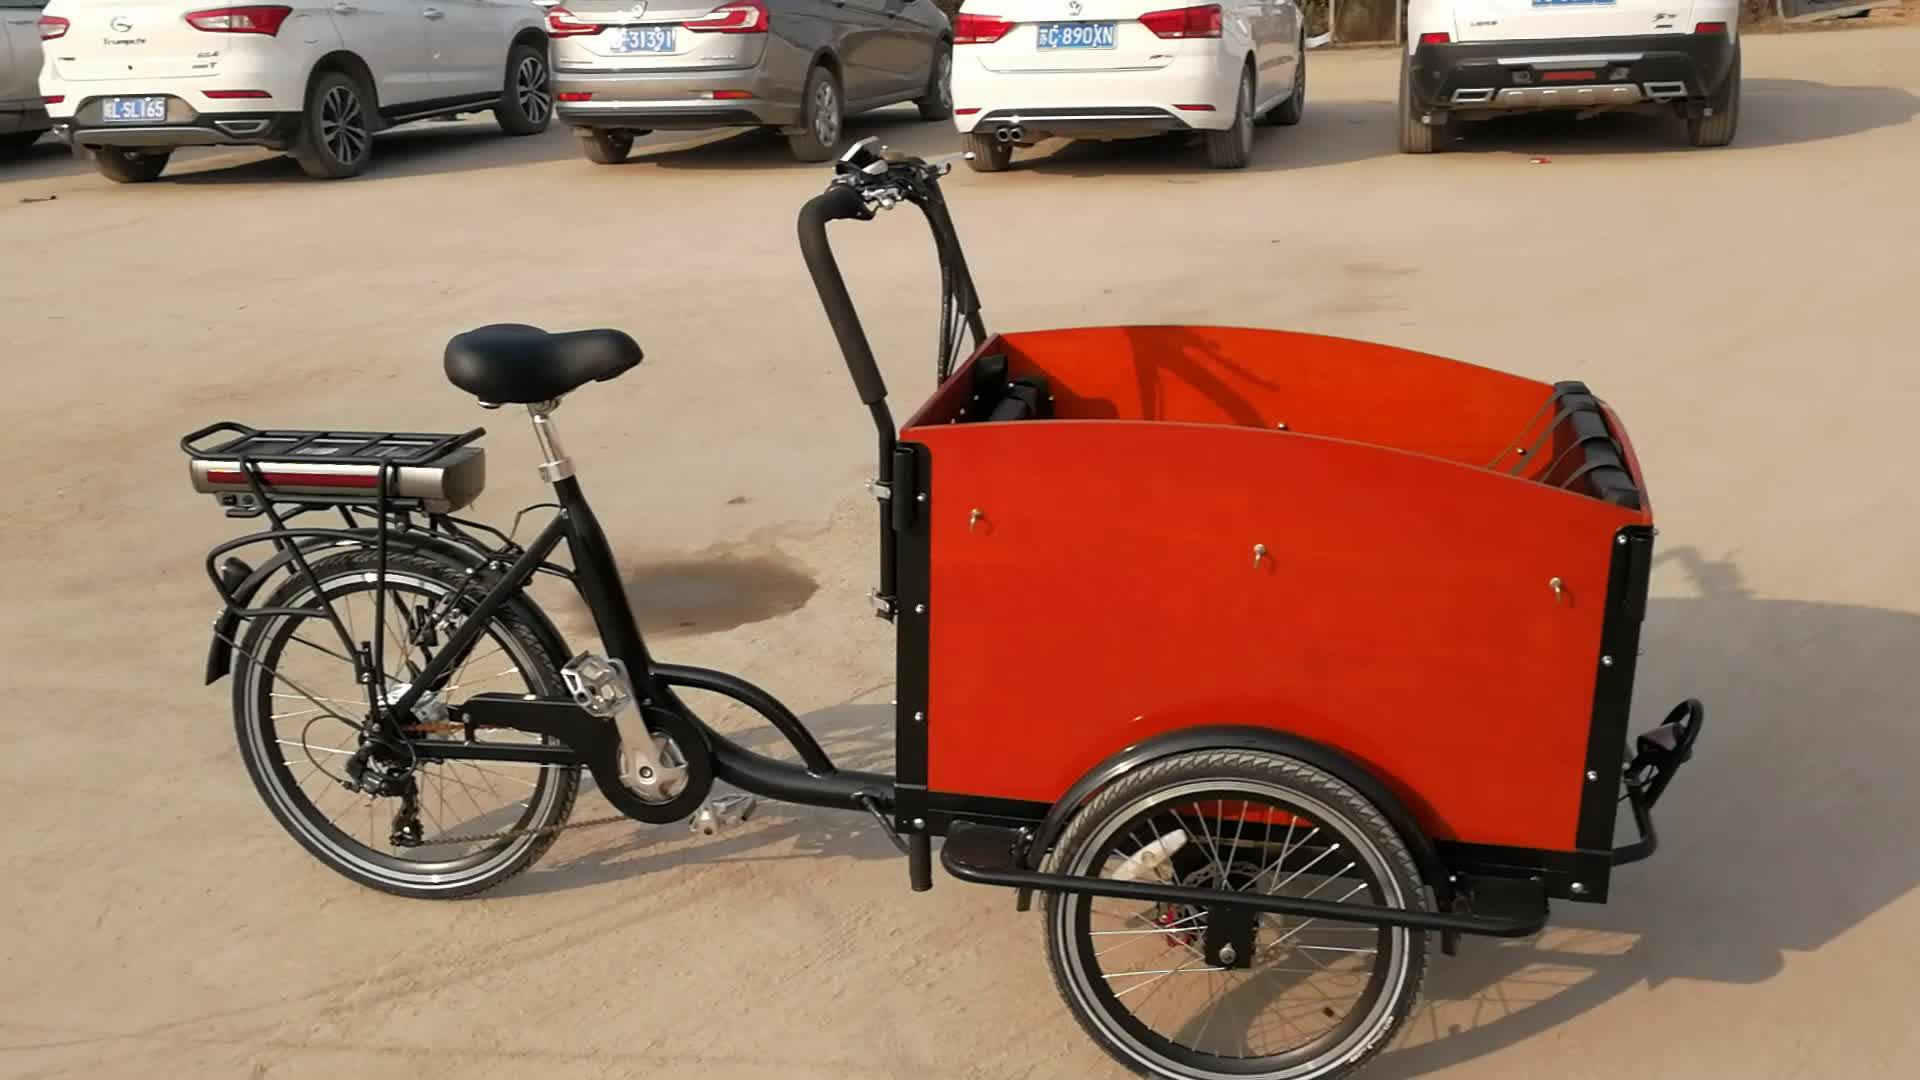 Nuovo modello bakfiets a tre ruote triciclo cargo bici elettrica a buon mercato per la vendita